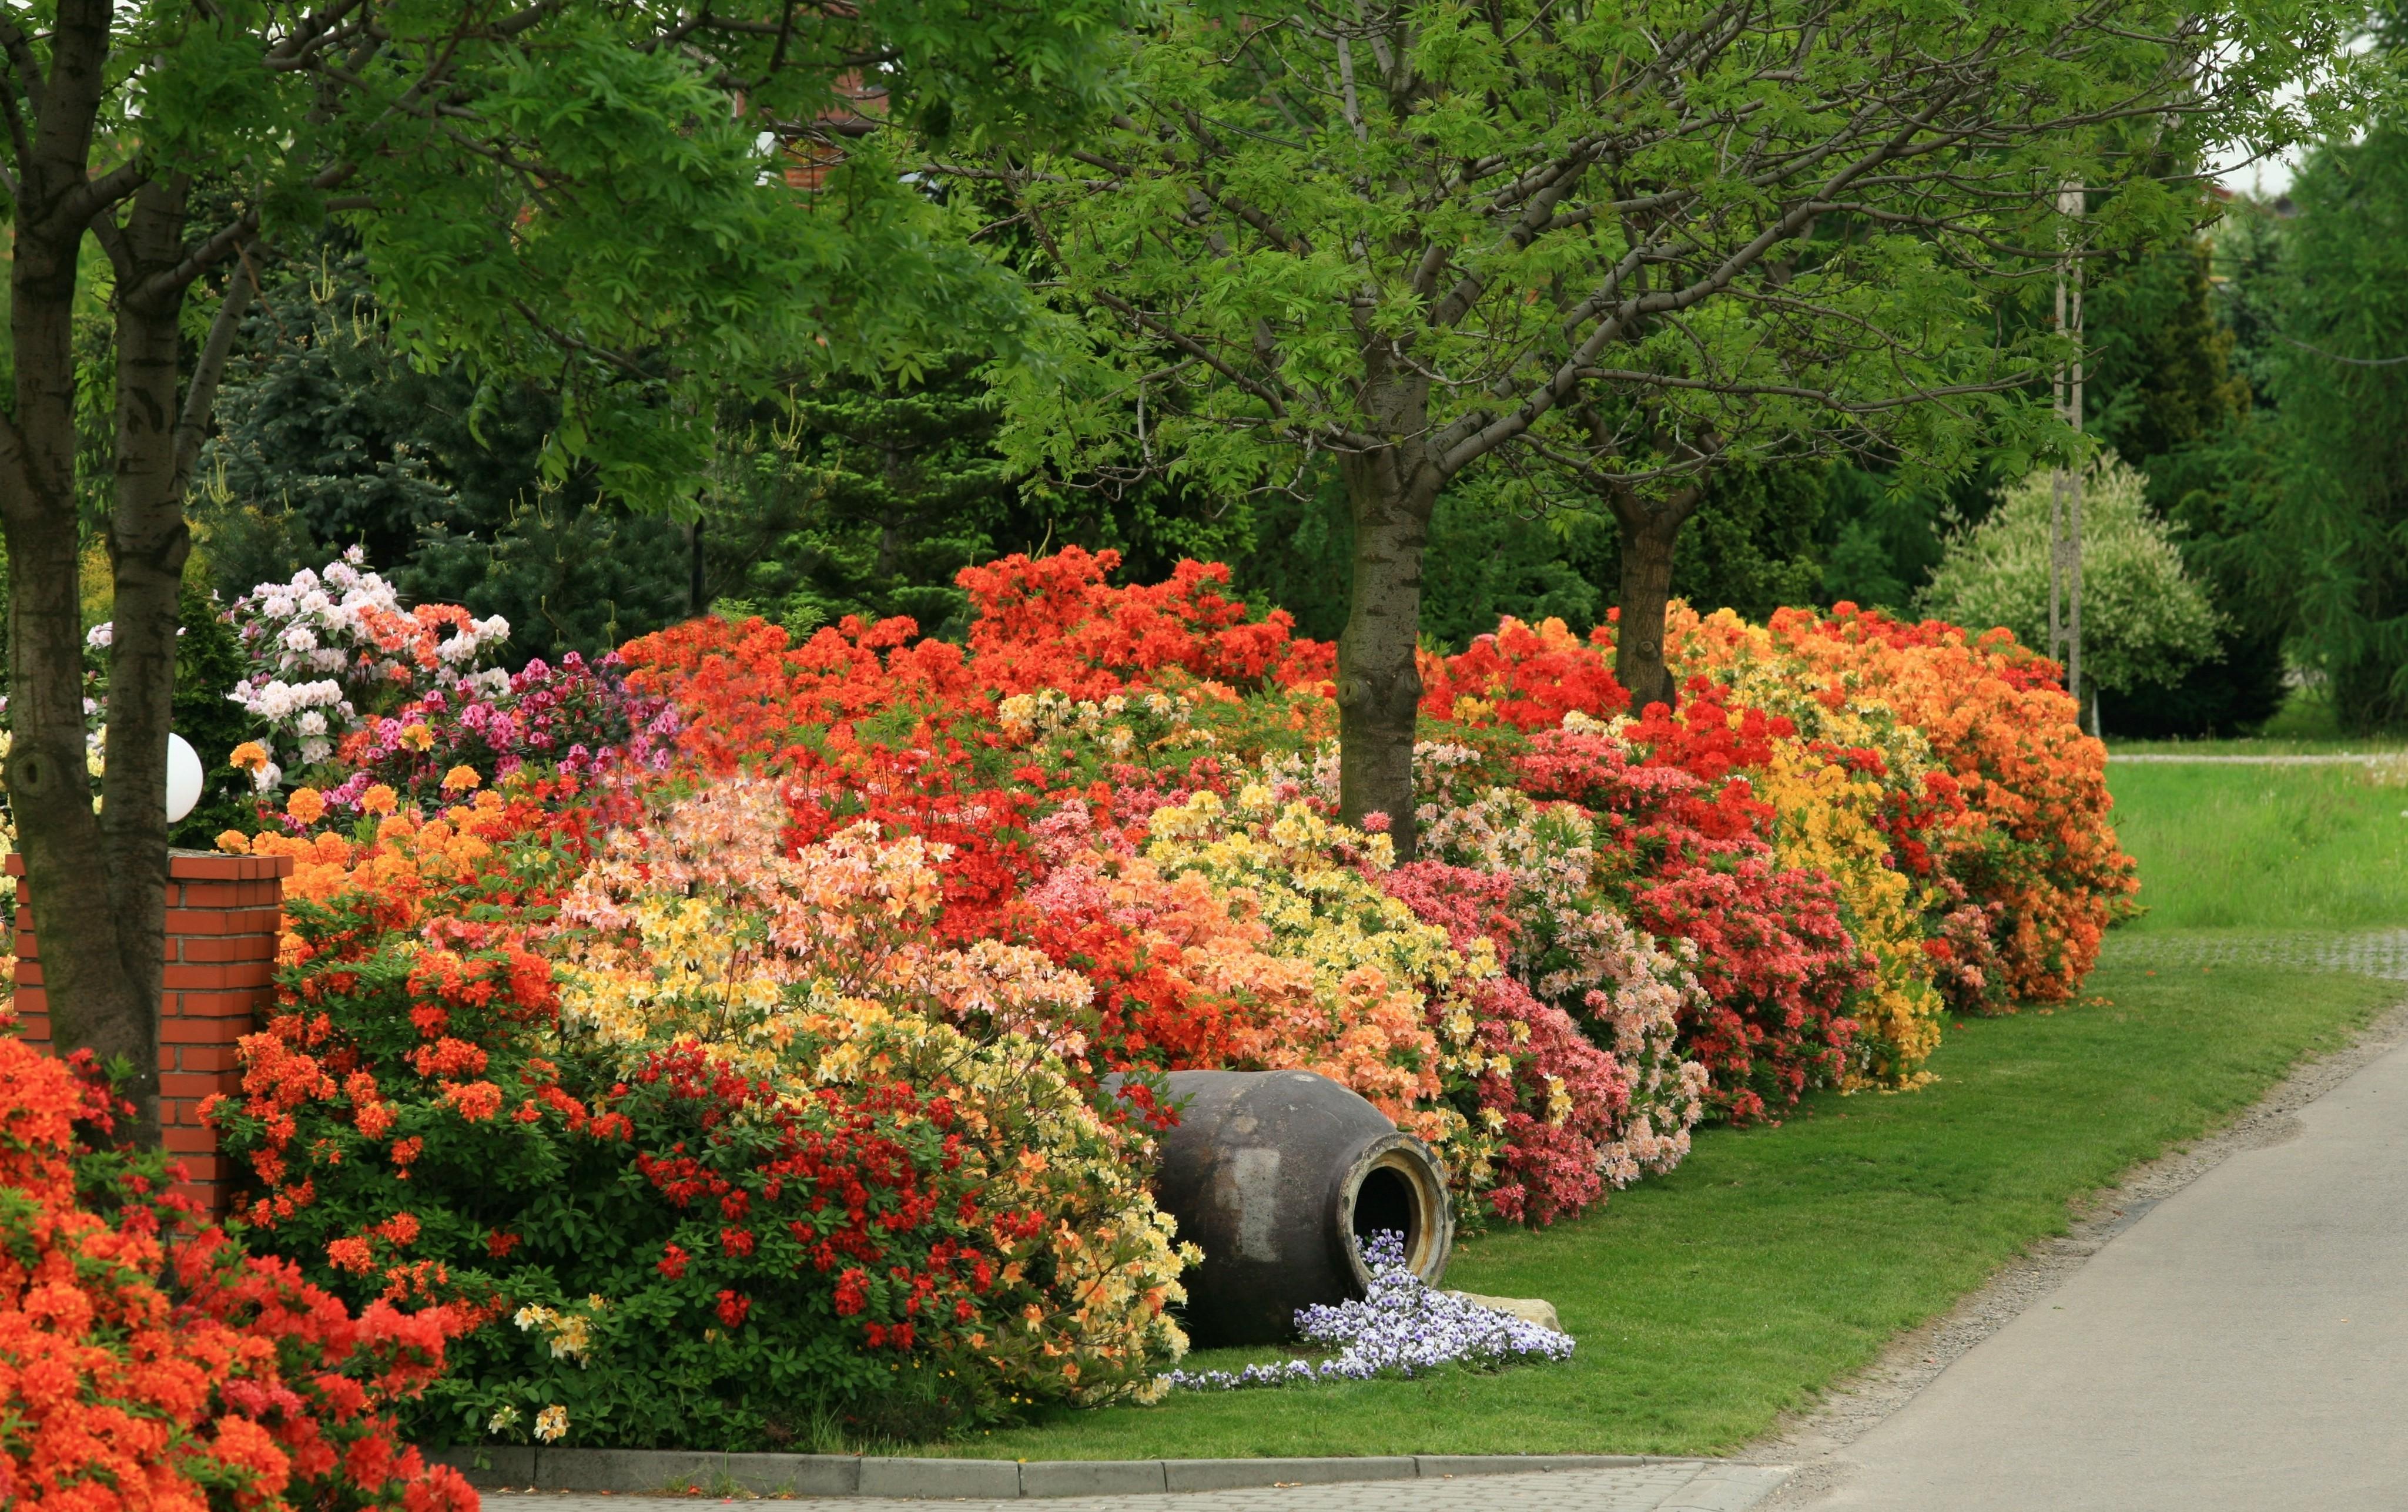 Wiosna za pasem. Jakie prace ogrodowe najlepiej wykonać w nadchodzącym okresie?